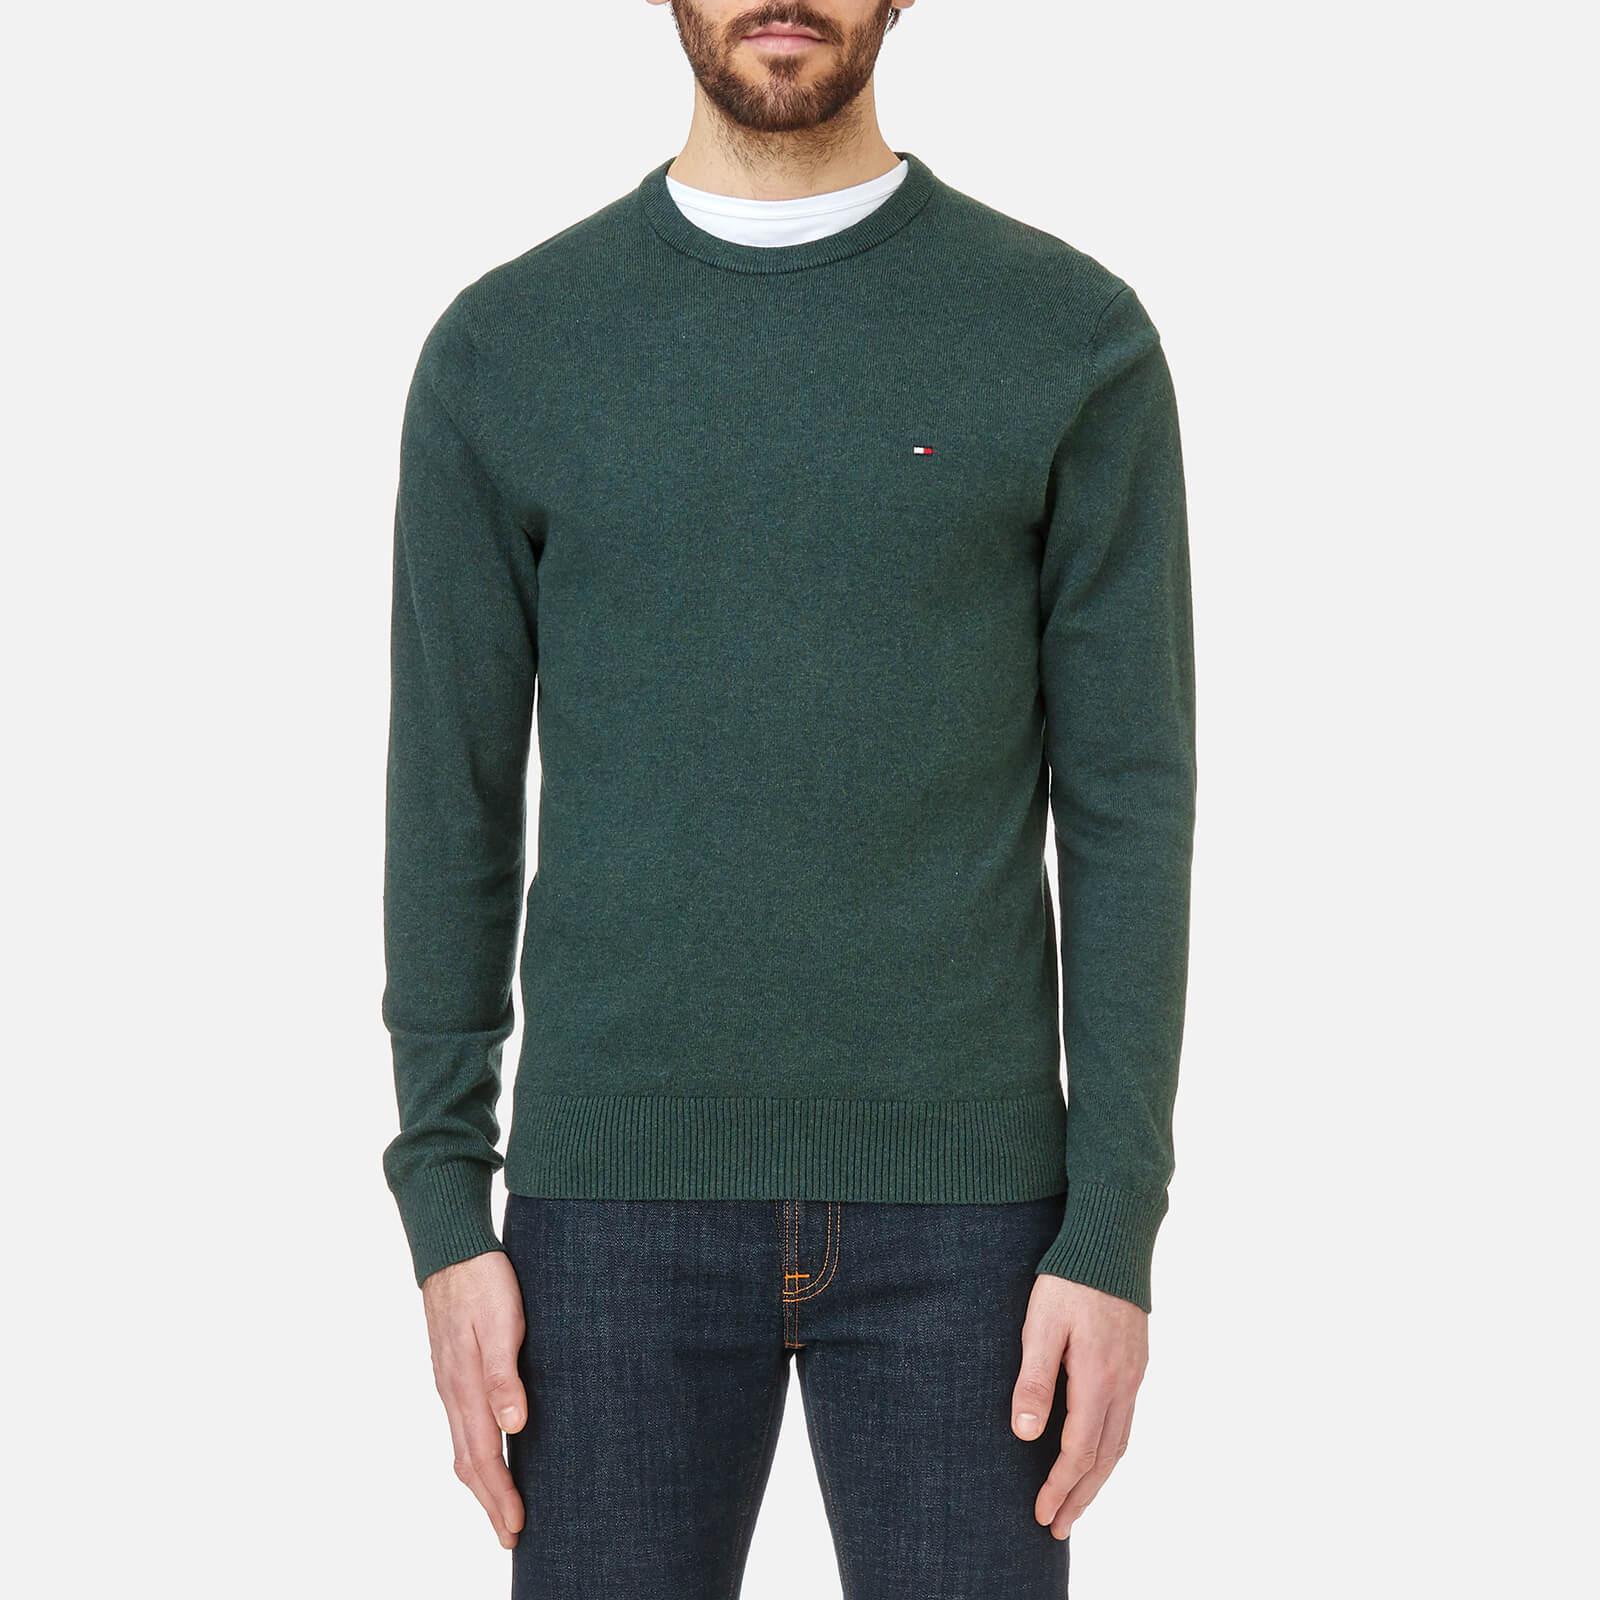 Cashmere jumper Tommy Hilfiger pullover Tommy Hilfiger sweater Tommy Hilfiger jumper